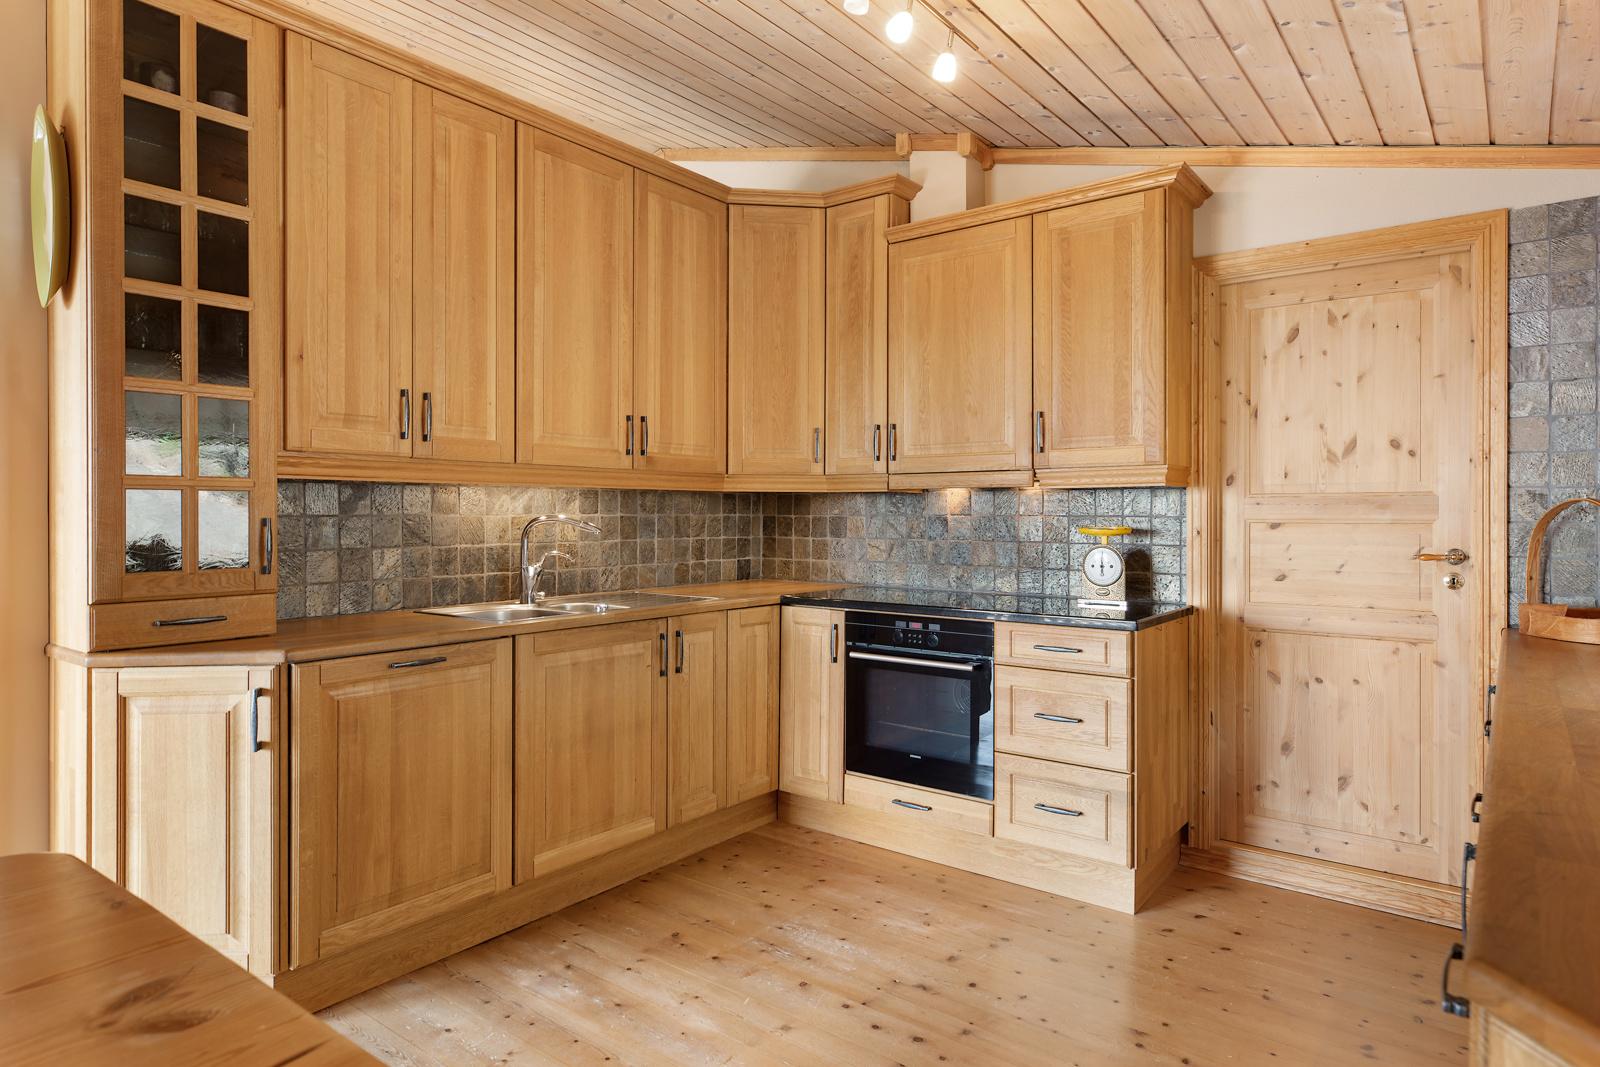 Kjøkken med eik innredning og profilerte fronter